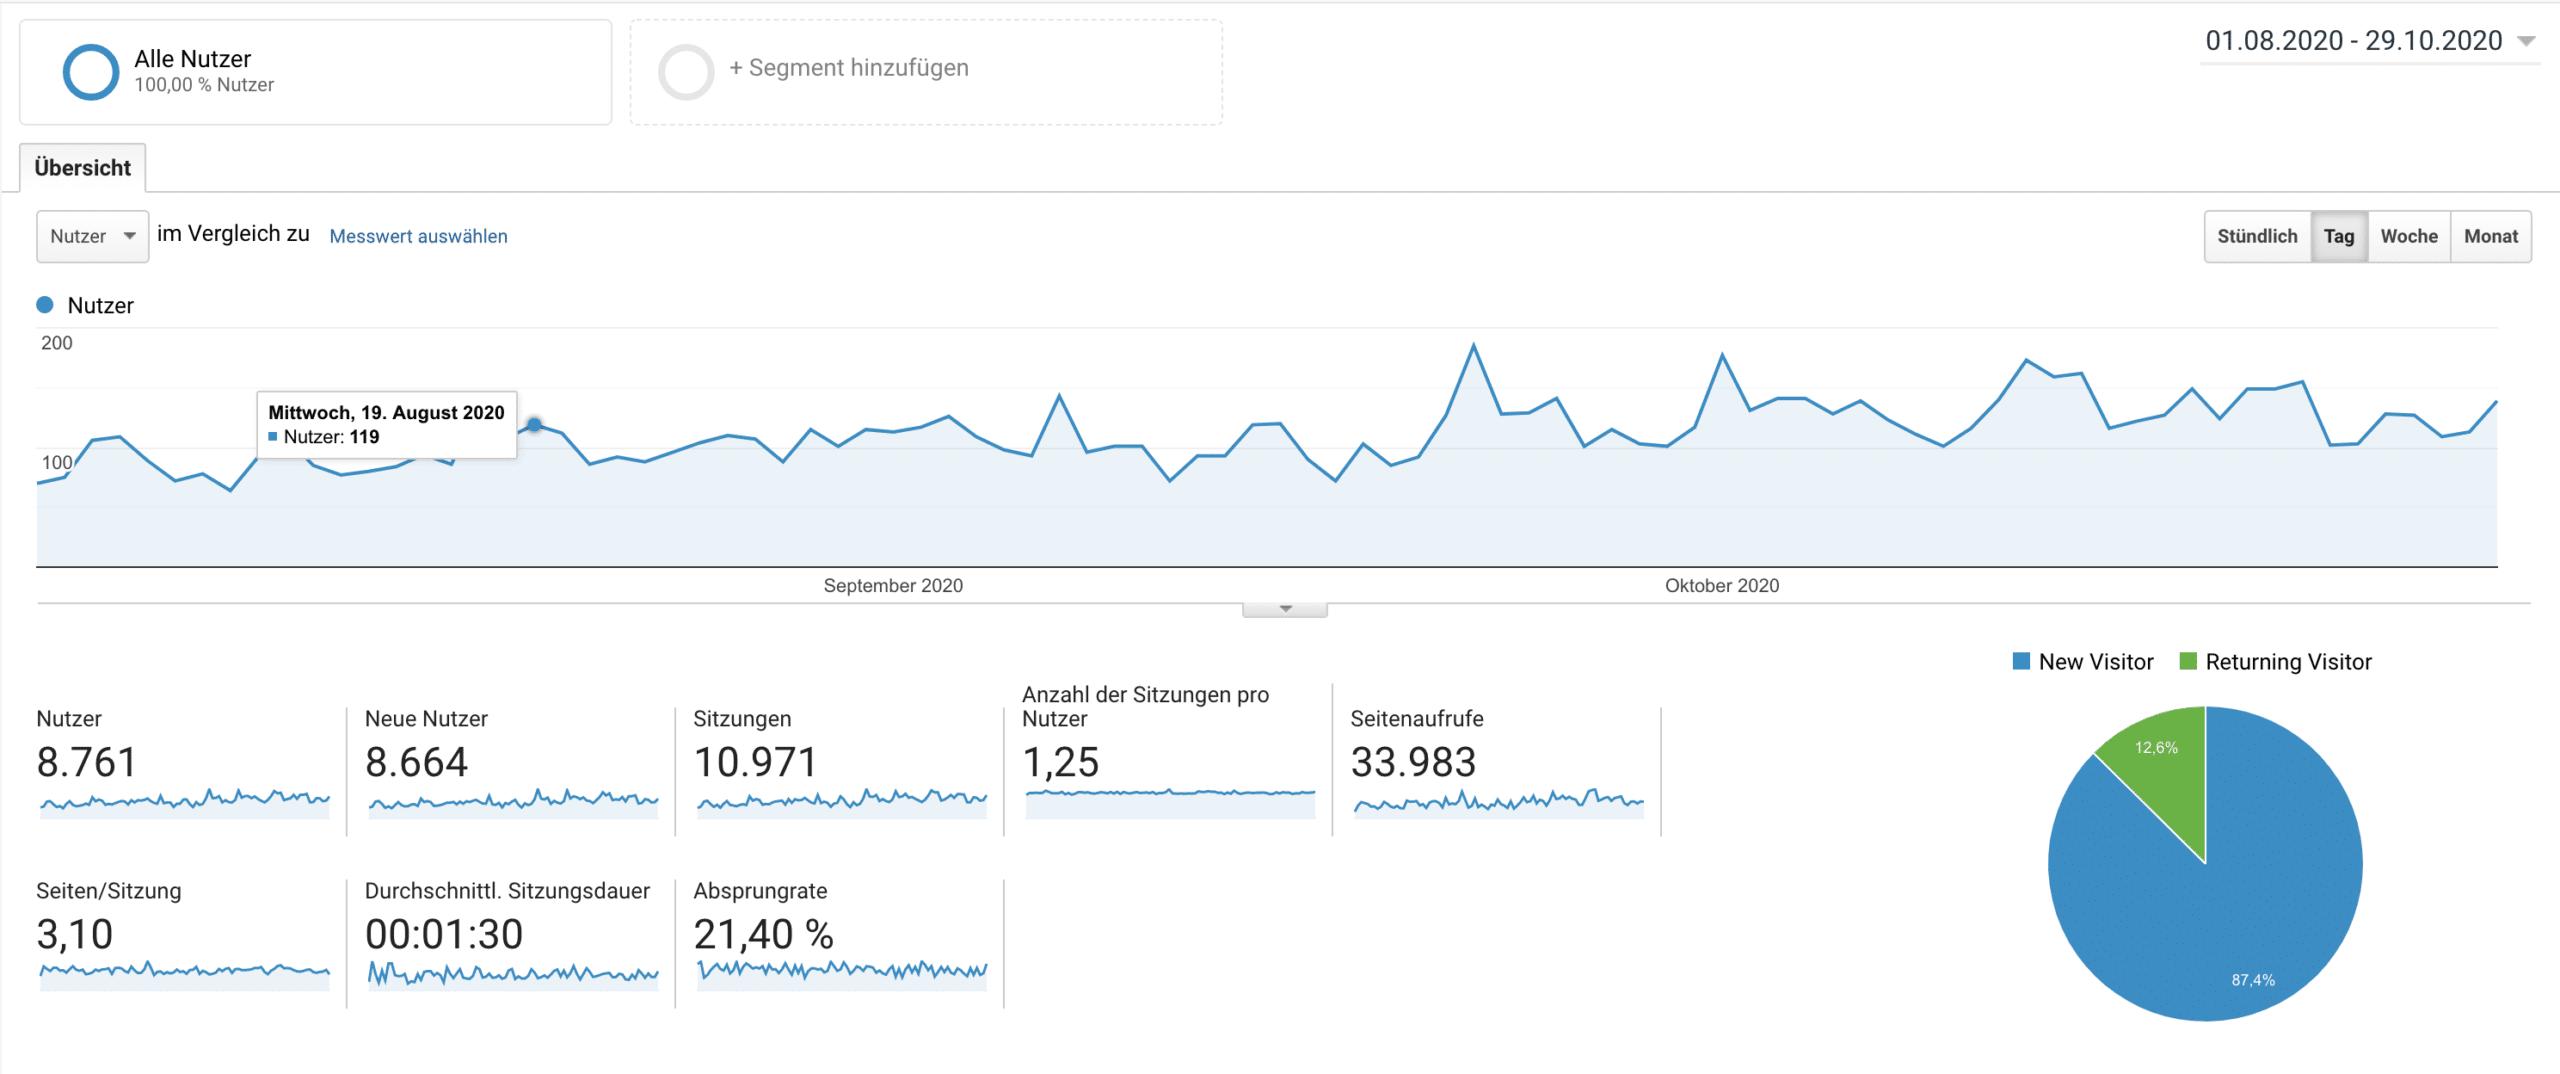 Google Analytics Auszug für die monatlichen Besucherzahlen